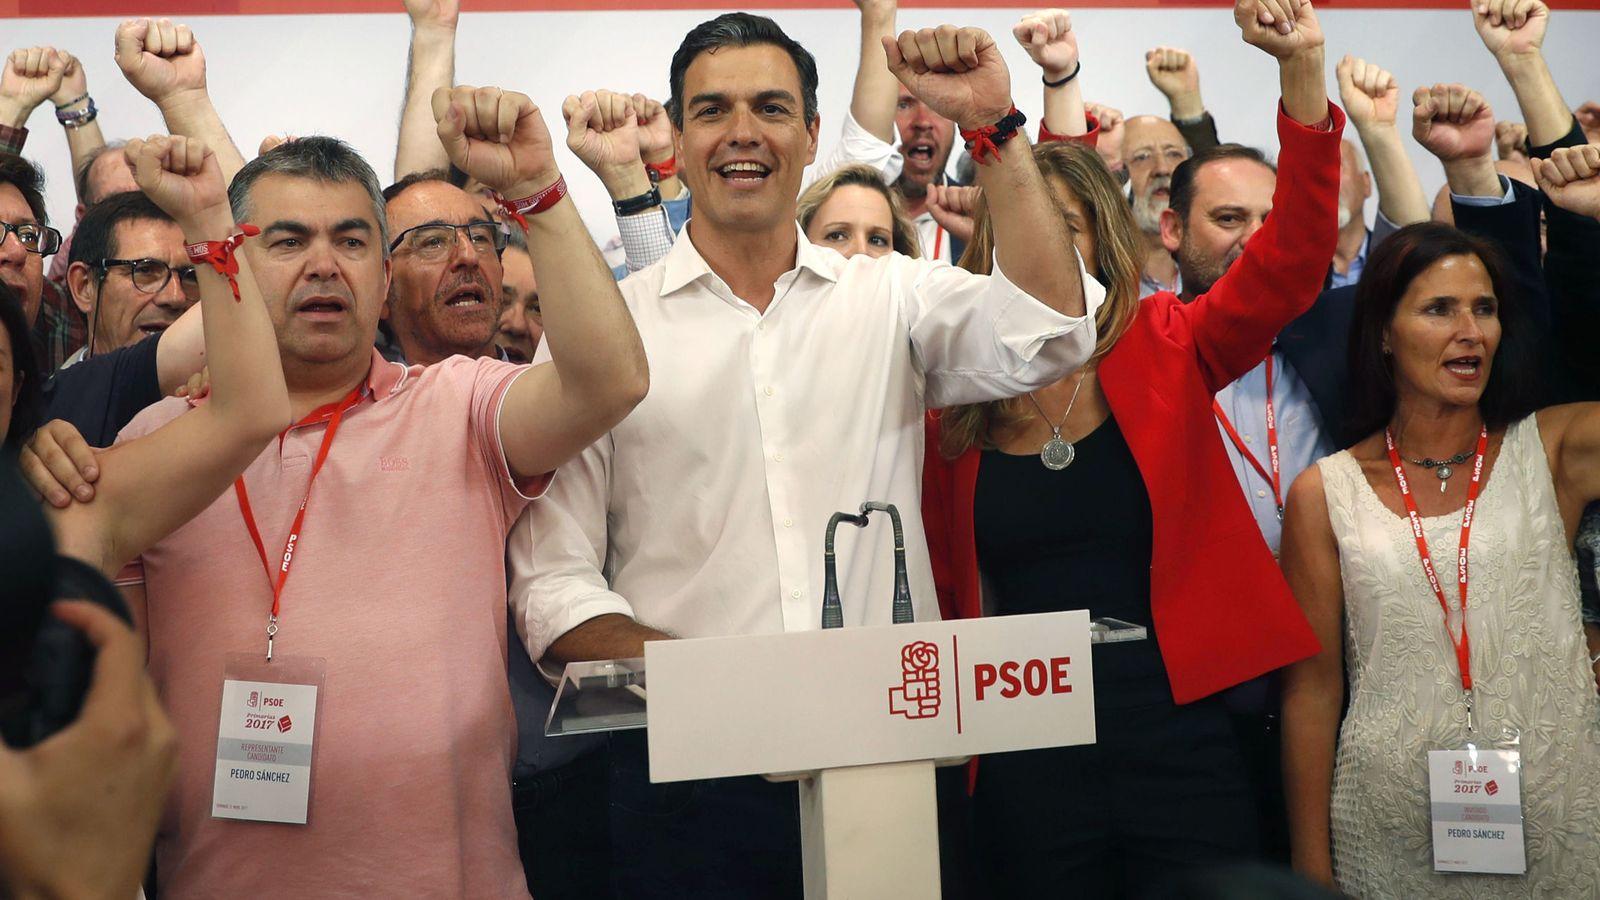 Foto: Pedro Sánchez, rodeado de su equipo, celebrando la victoria en las primarias del pasado 21 de mayo, en Ferraz. (EFE)